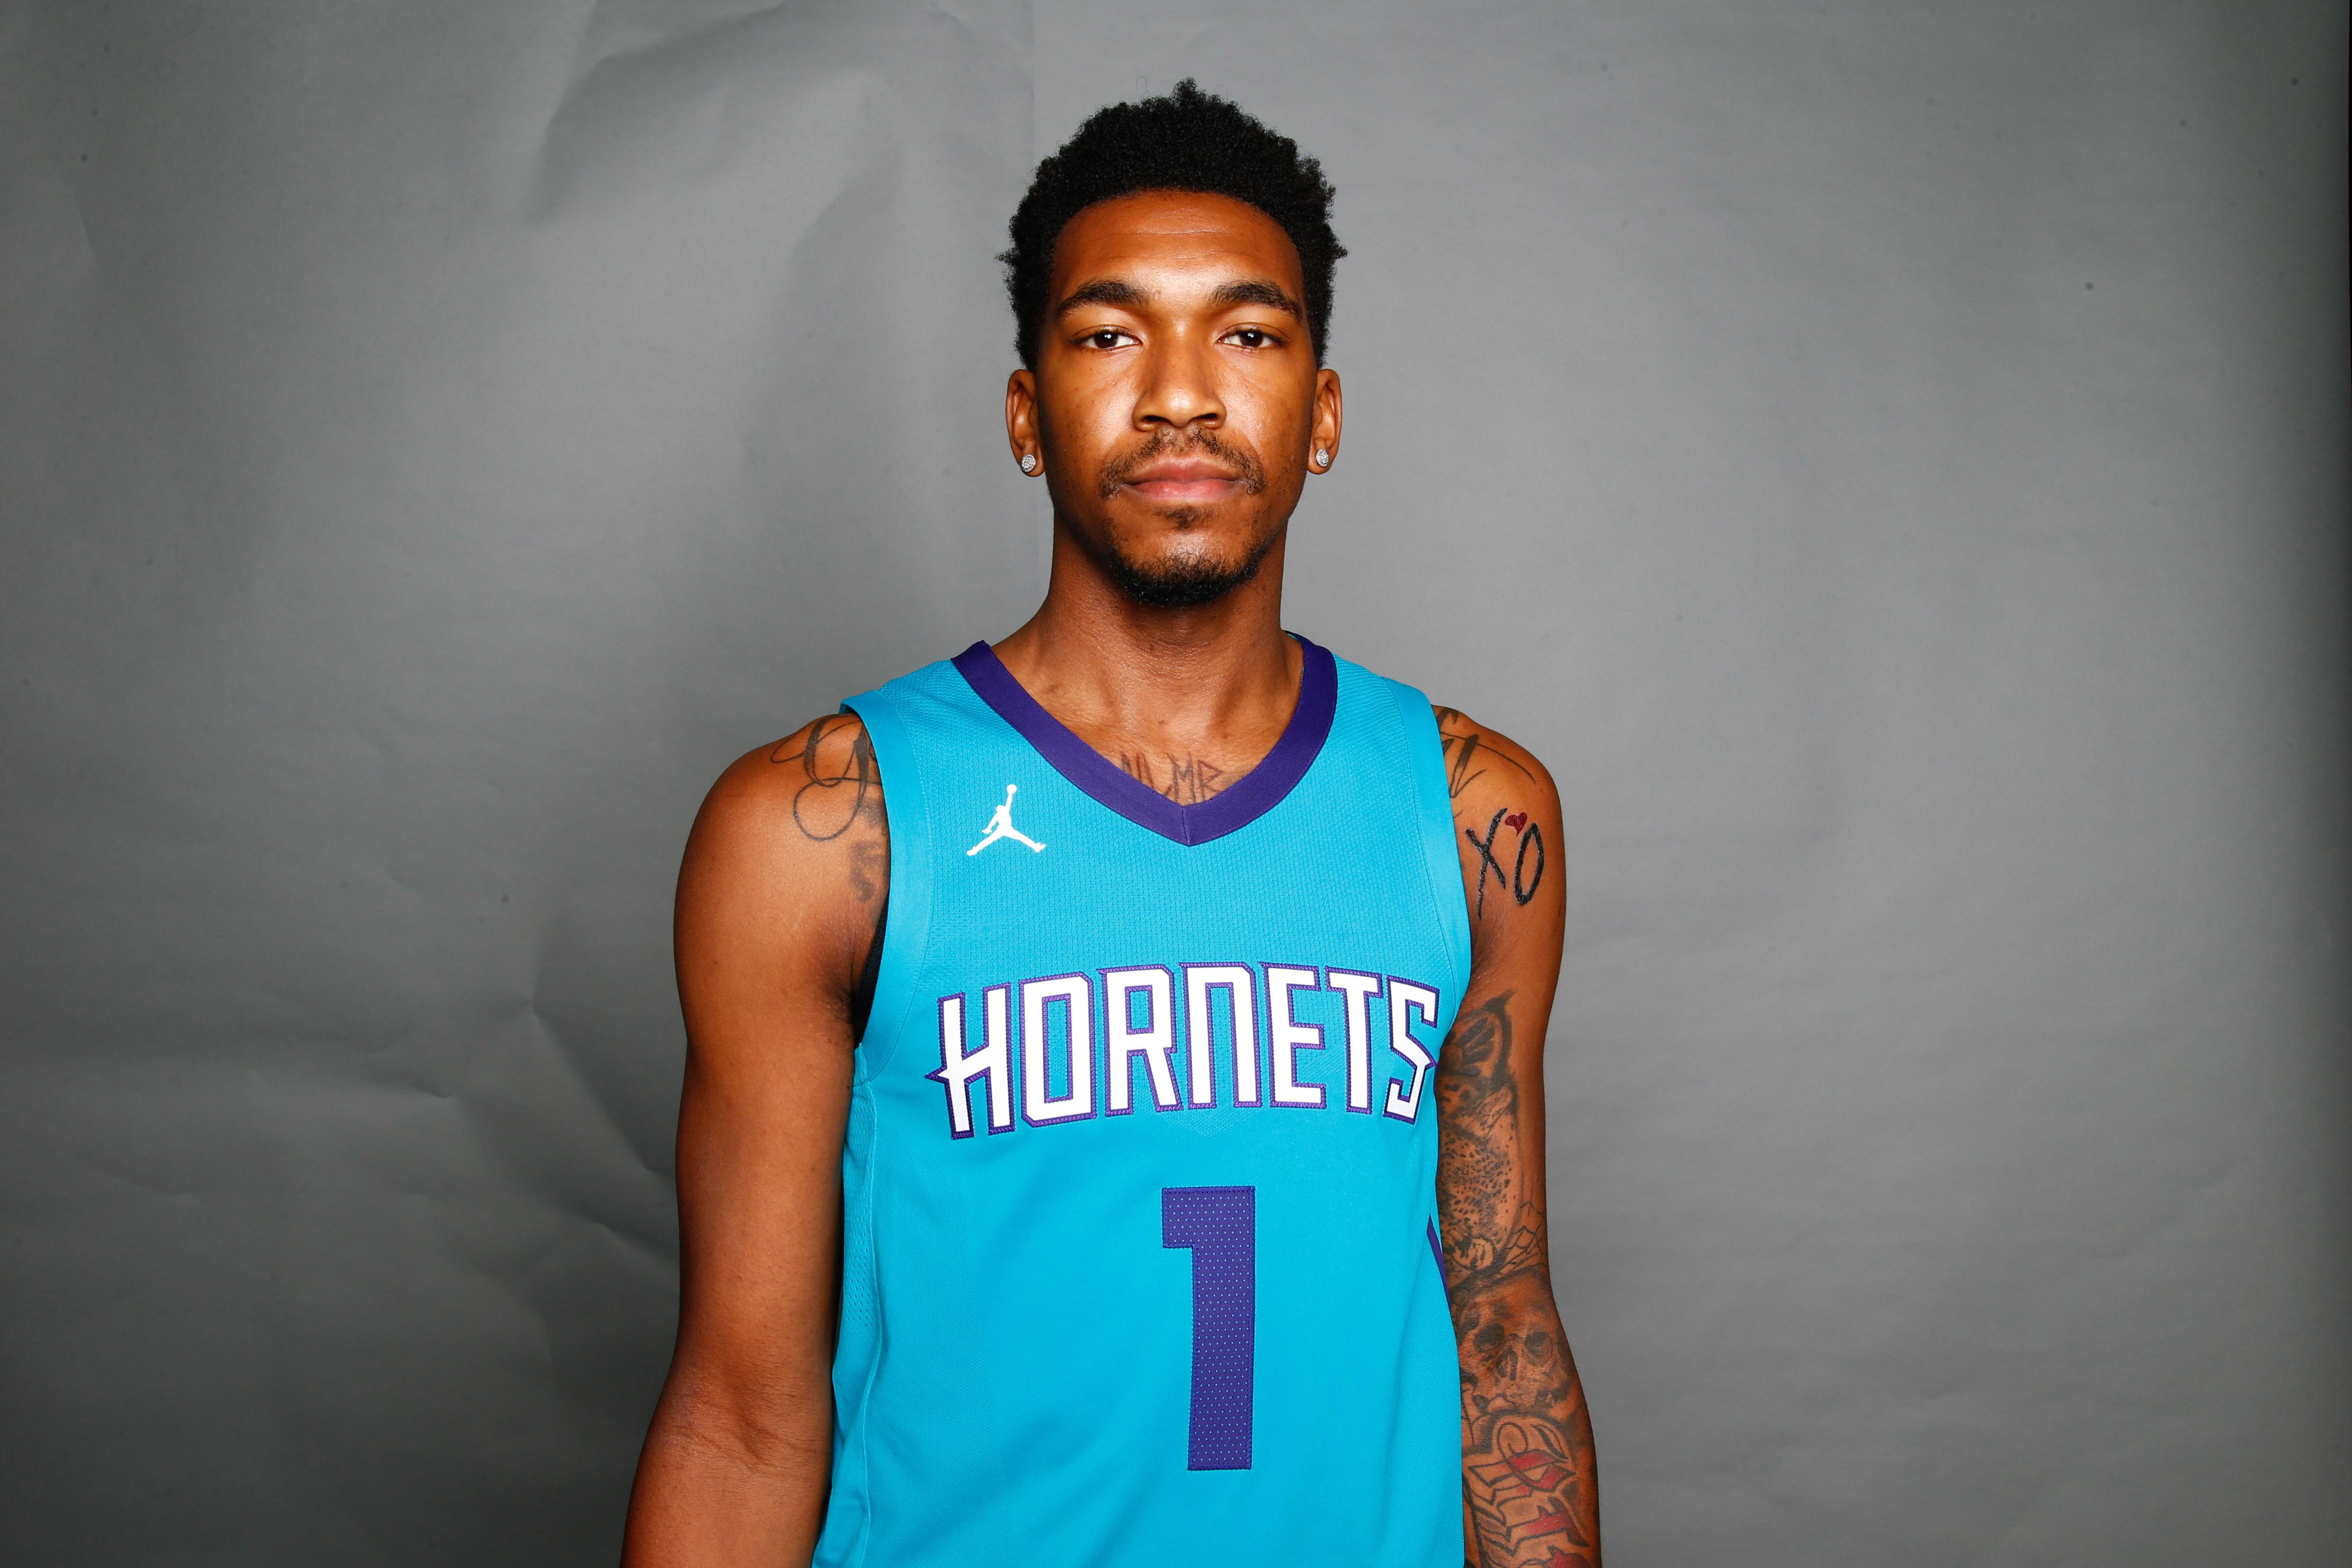 NBA: Charlotte Hornets-Media Day